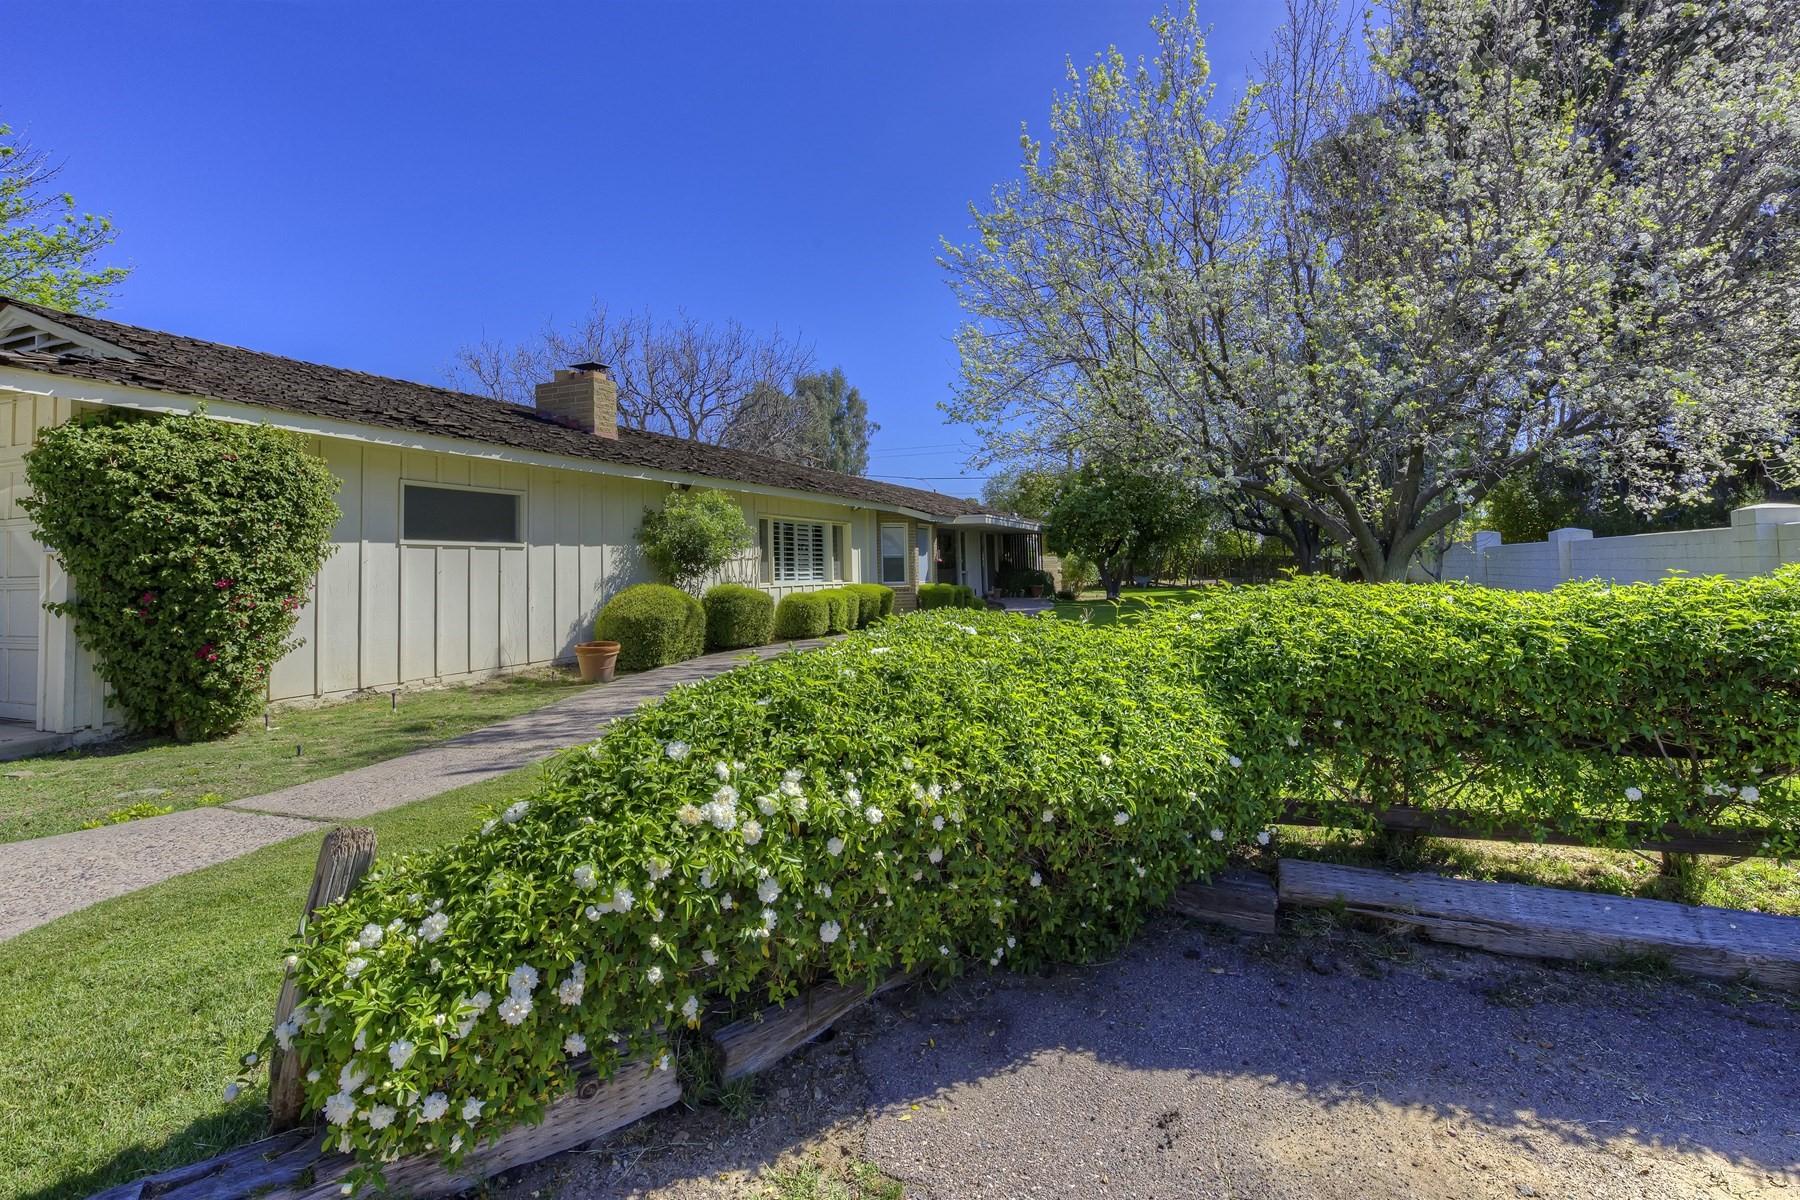 一戸建て のために 売買 アット Stunning level home in the North Central Corridor of Phoenix 350 E Northview Ave Phoenix, アリゾナ, 85020 アメリカ合衆国